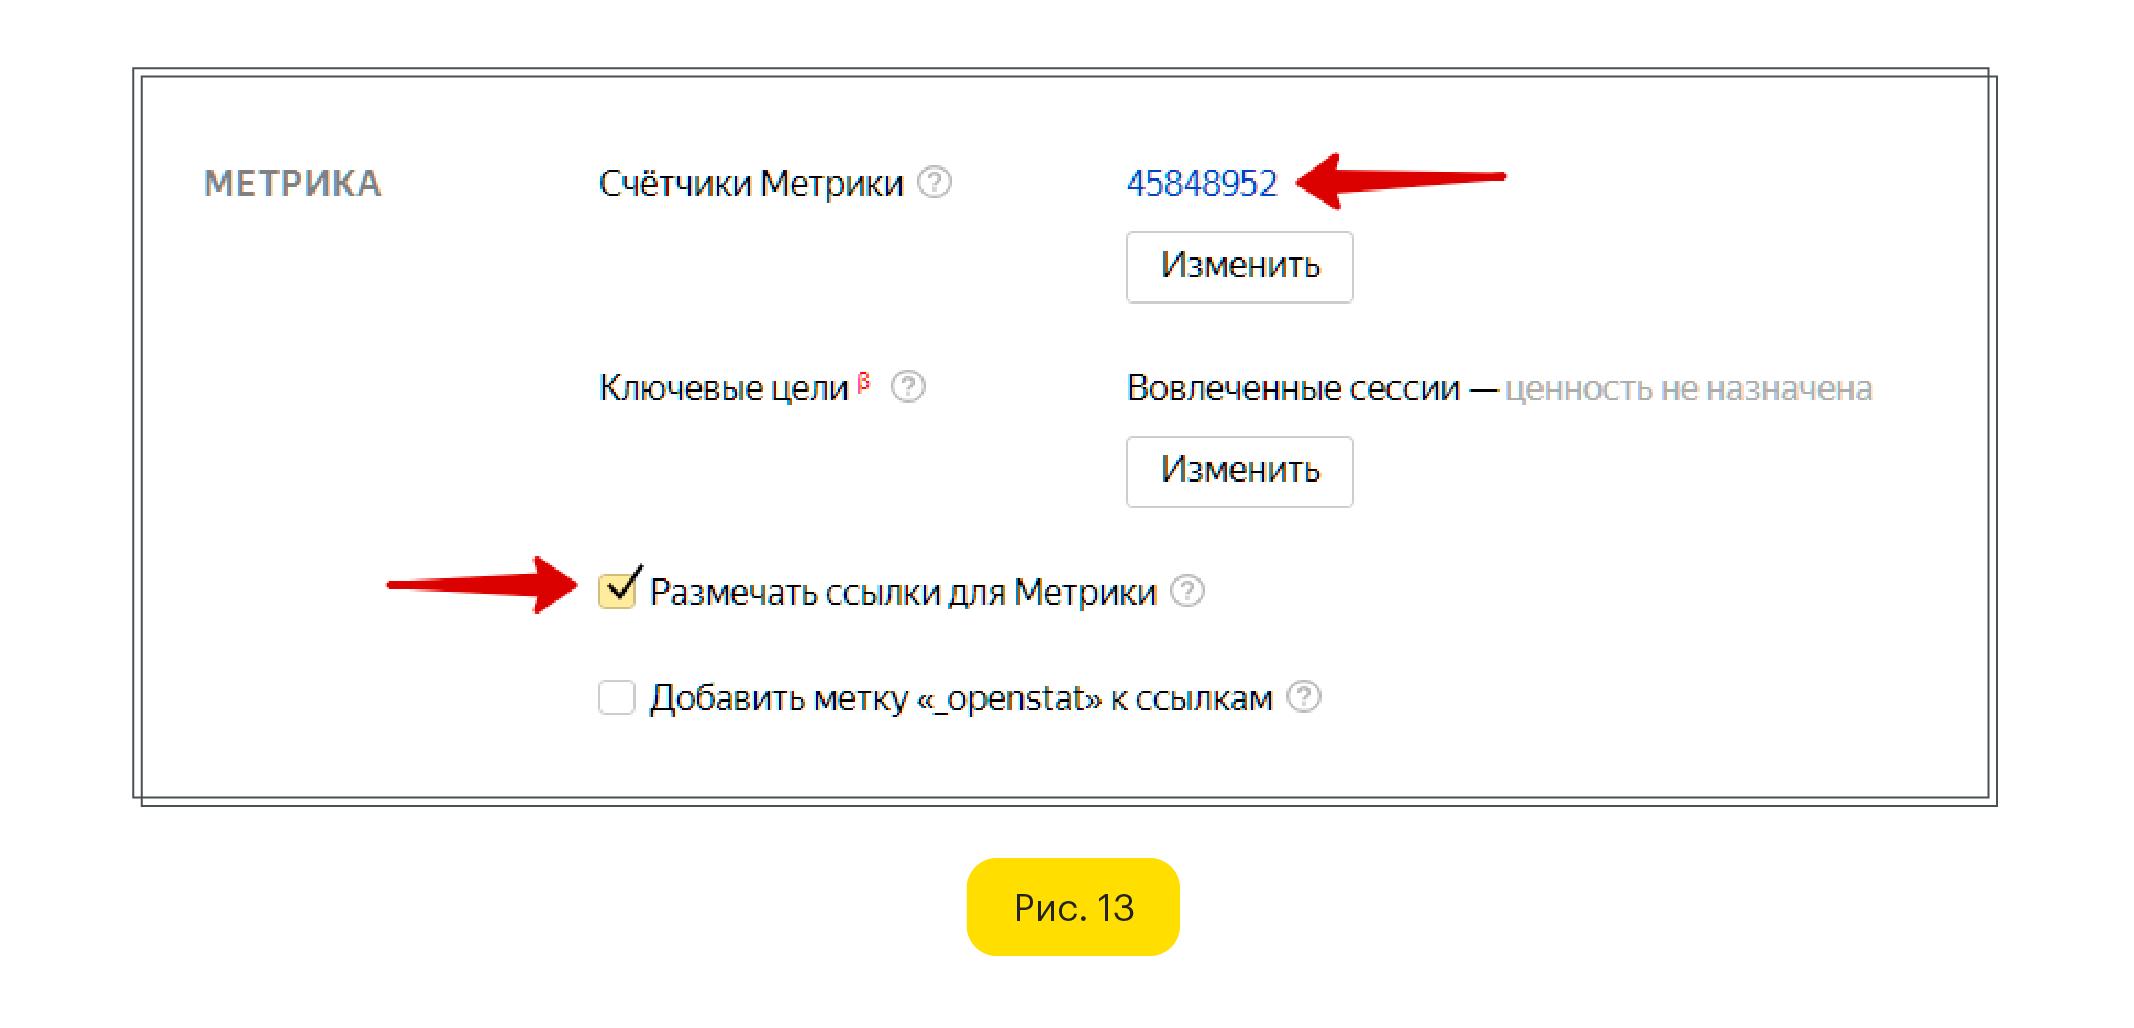 Разметка ссылок для метрики Яндекс Директ